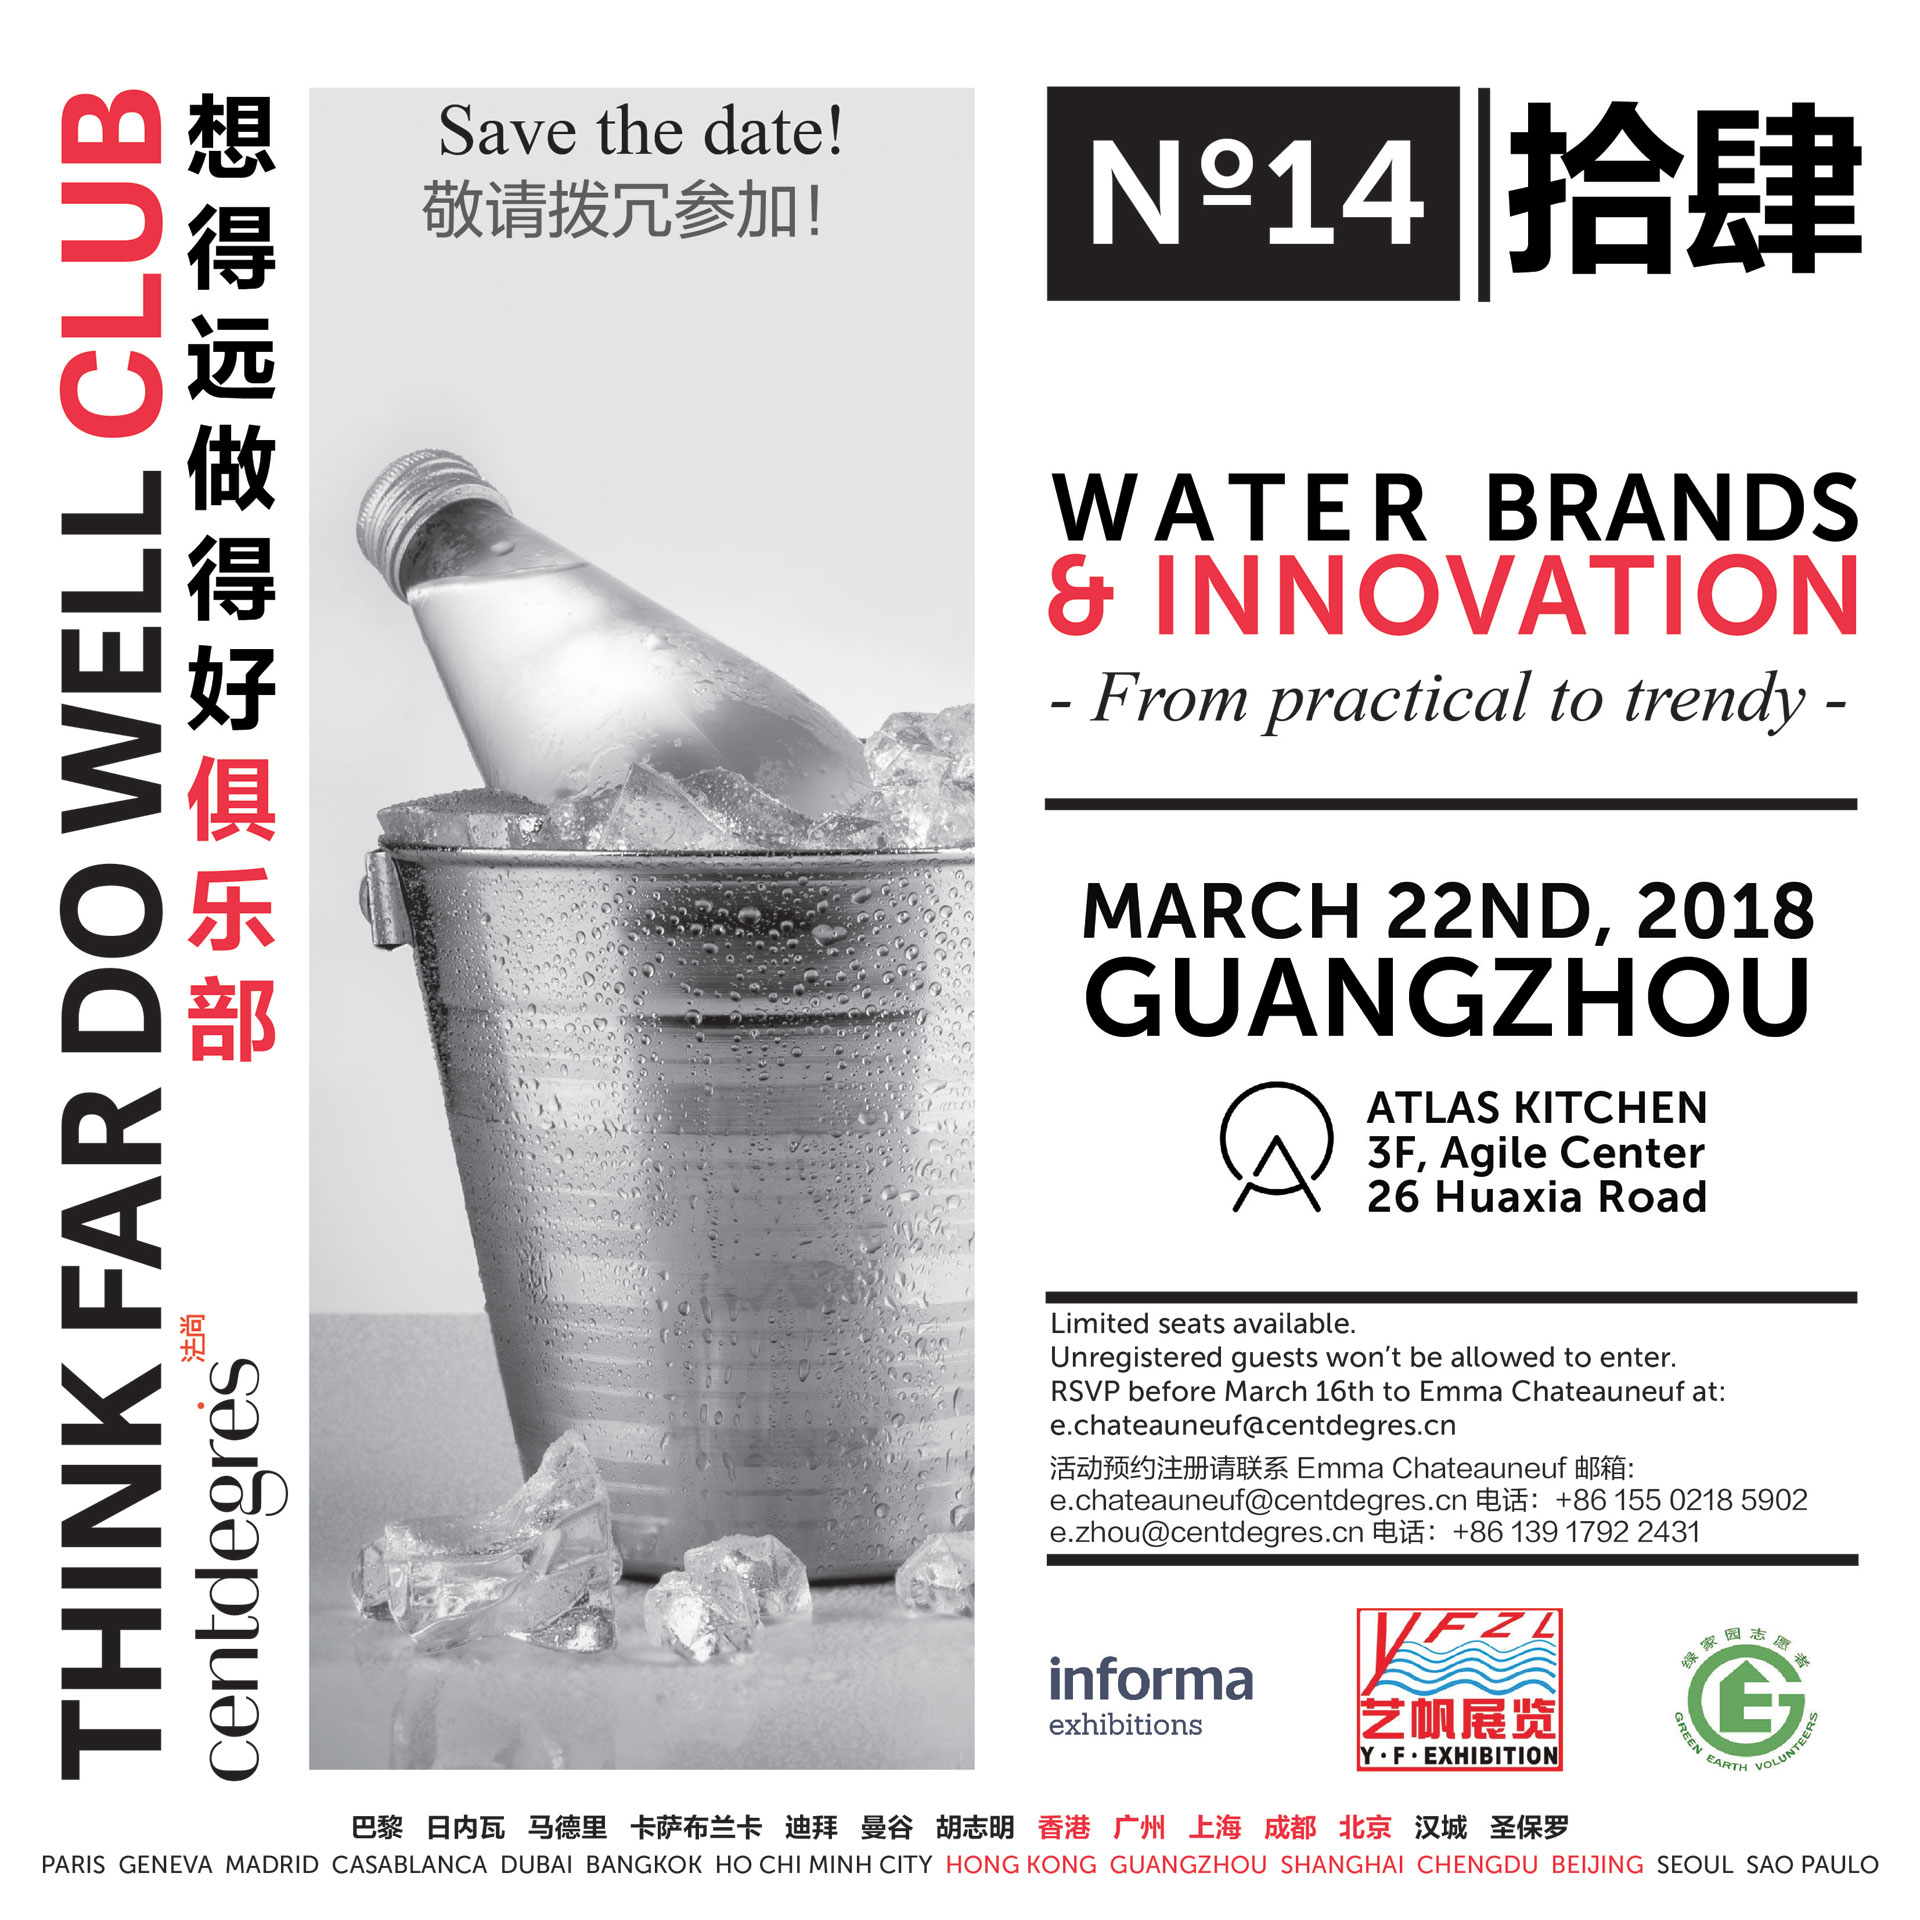 N°14: WATERS BRANDS & INNOVATION